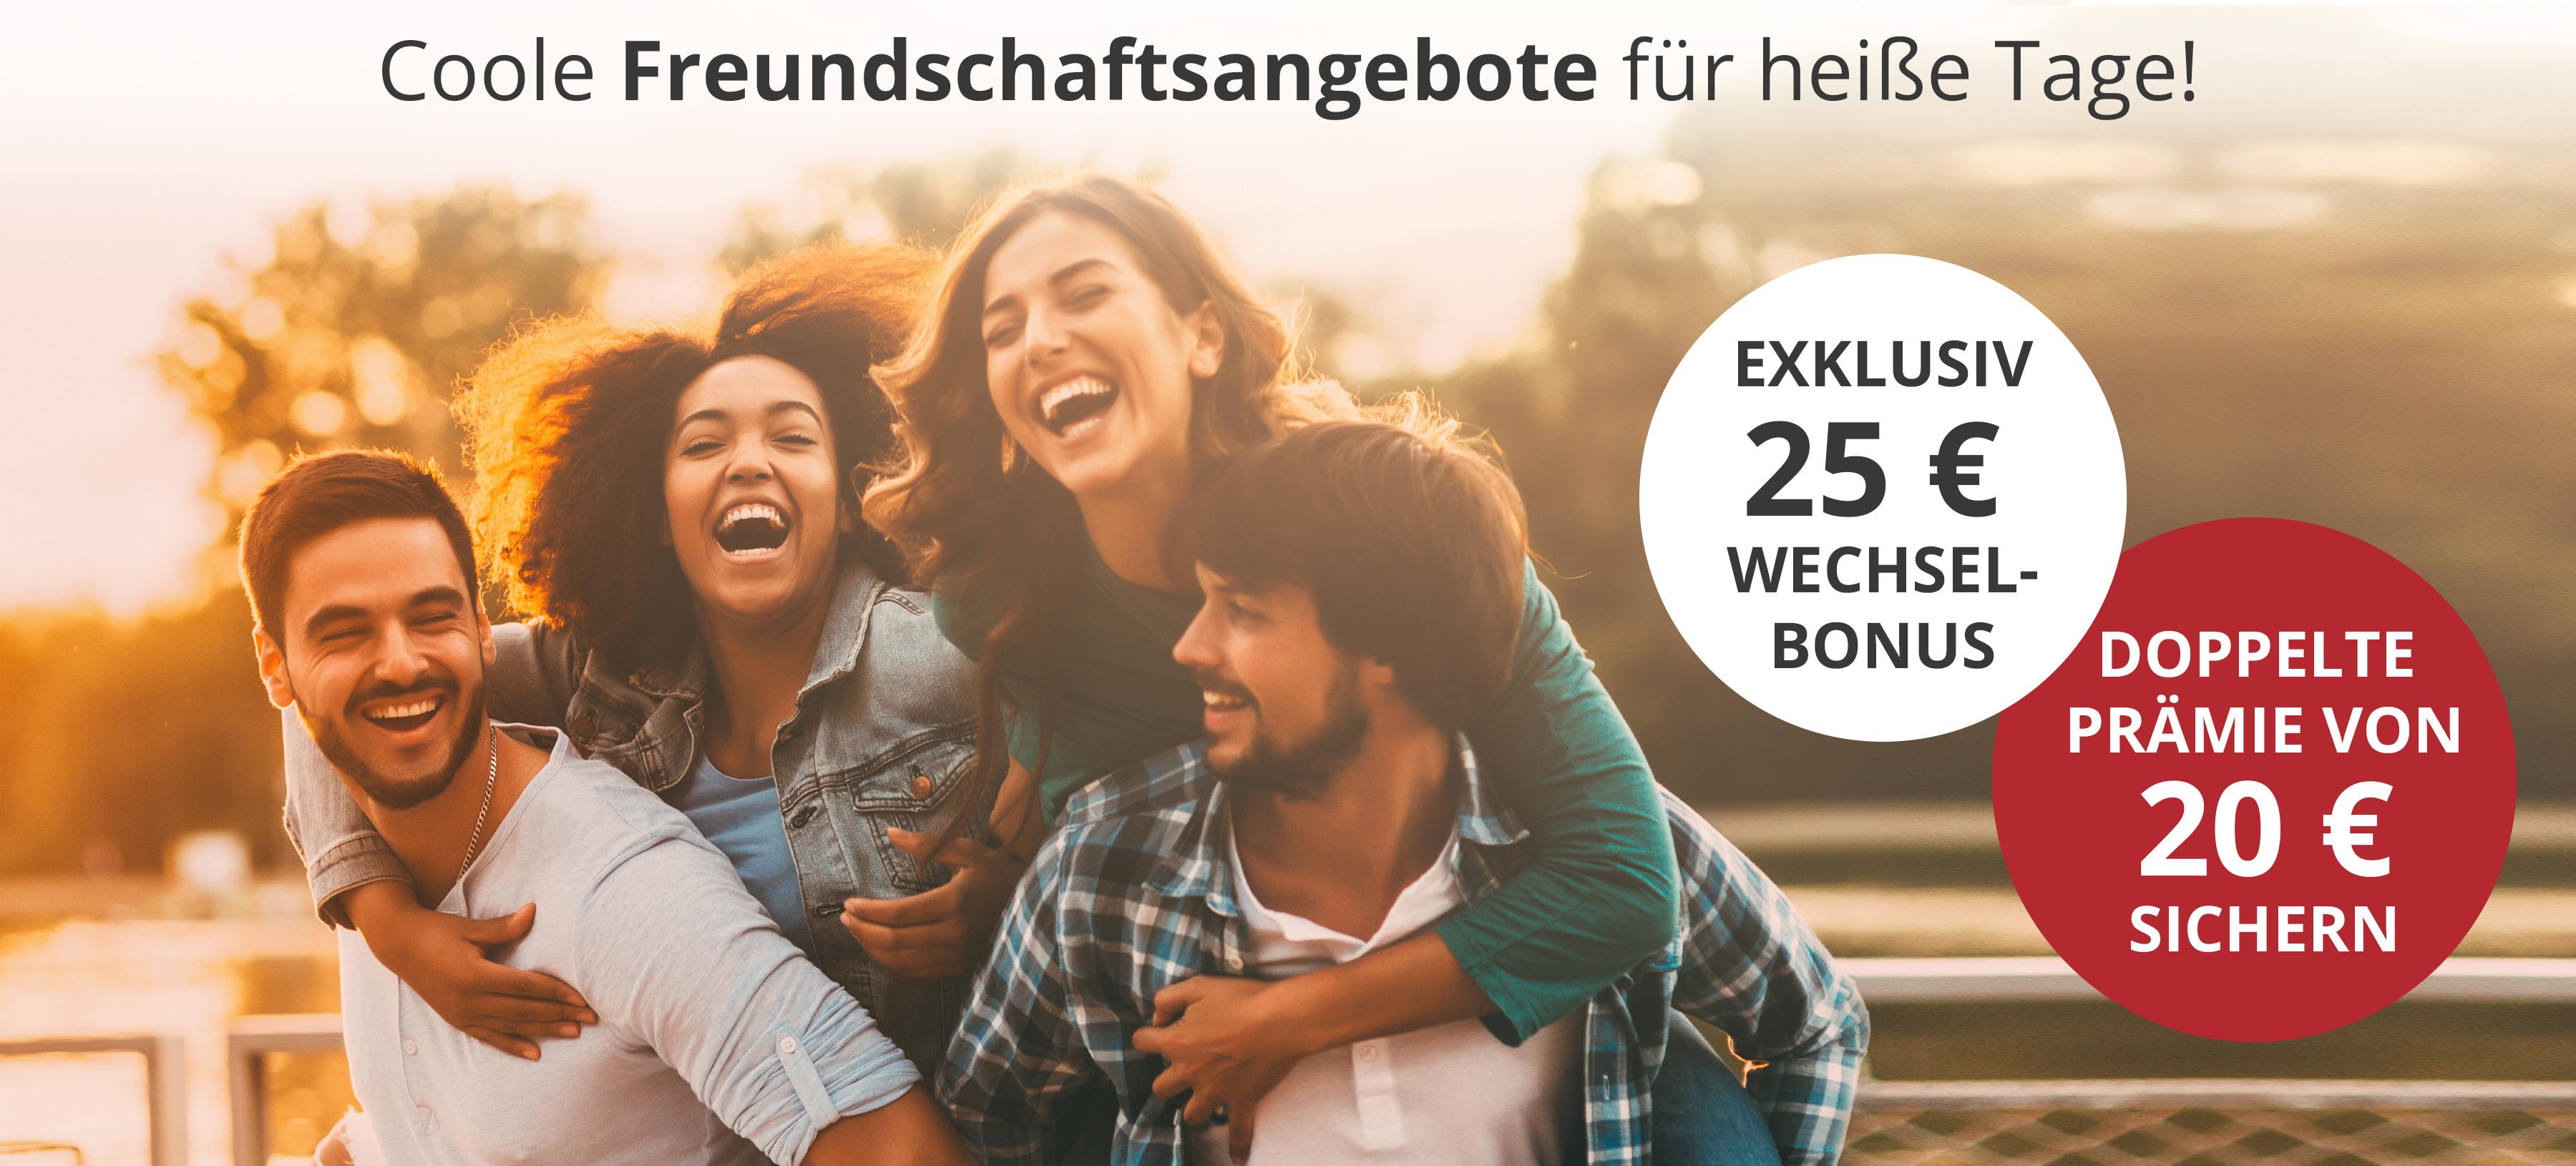 PREMIUMSIM - 20€ Guthaben - FREUNDE Werben Aktion - Zusätzlich 25 € für Rufnummermitnahme